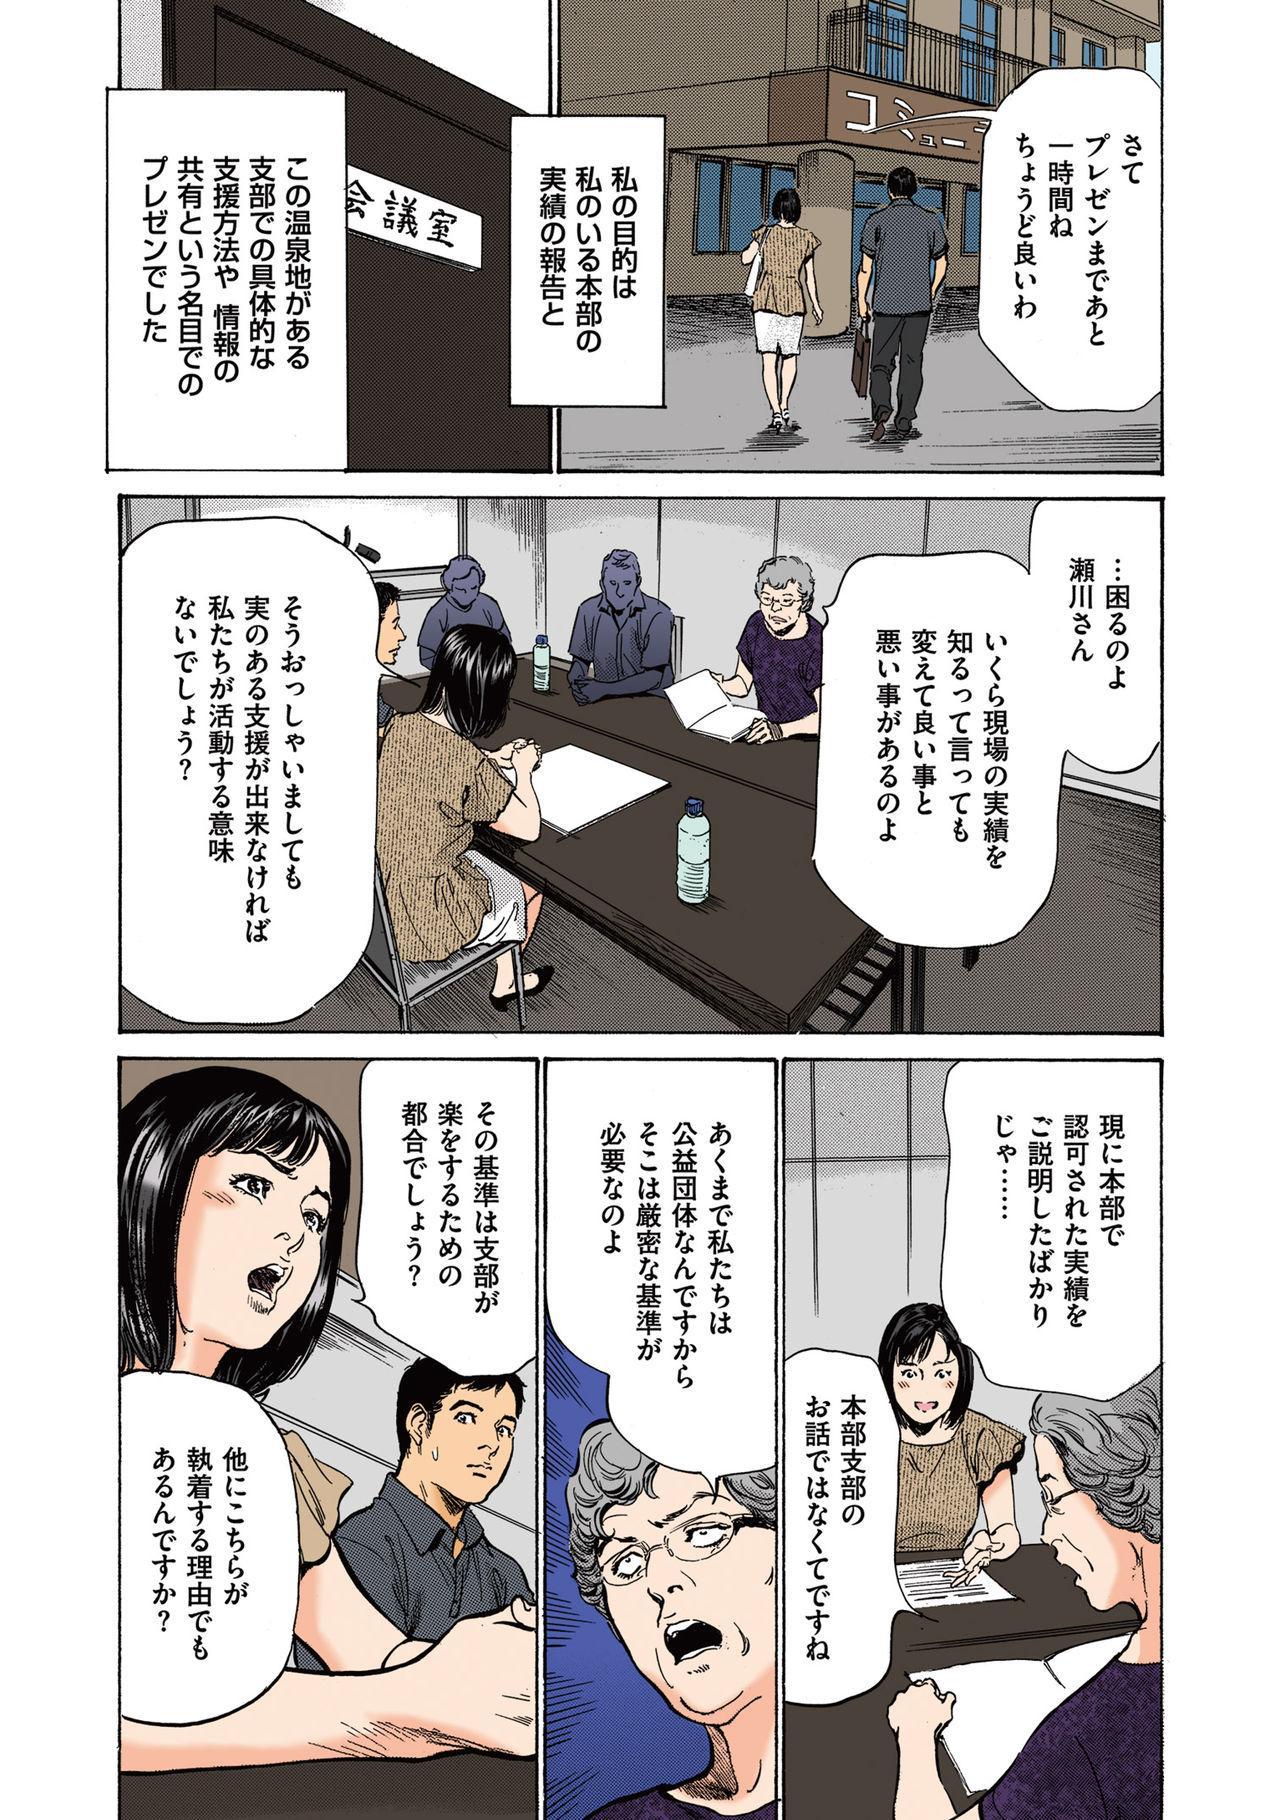 [Hazuki Kaoru] Hazuki Kaoru no Tamaranai Hanashi (Full Color Version) 2-1 86